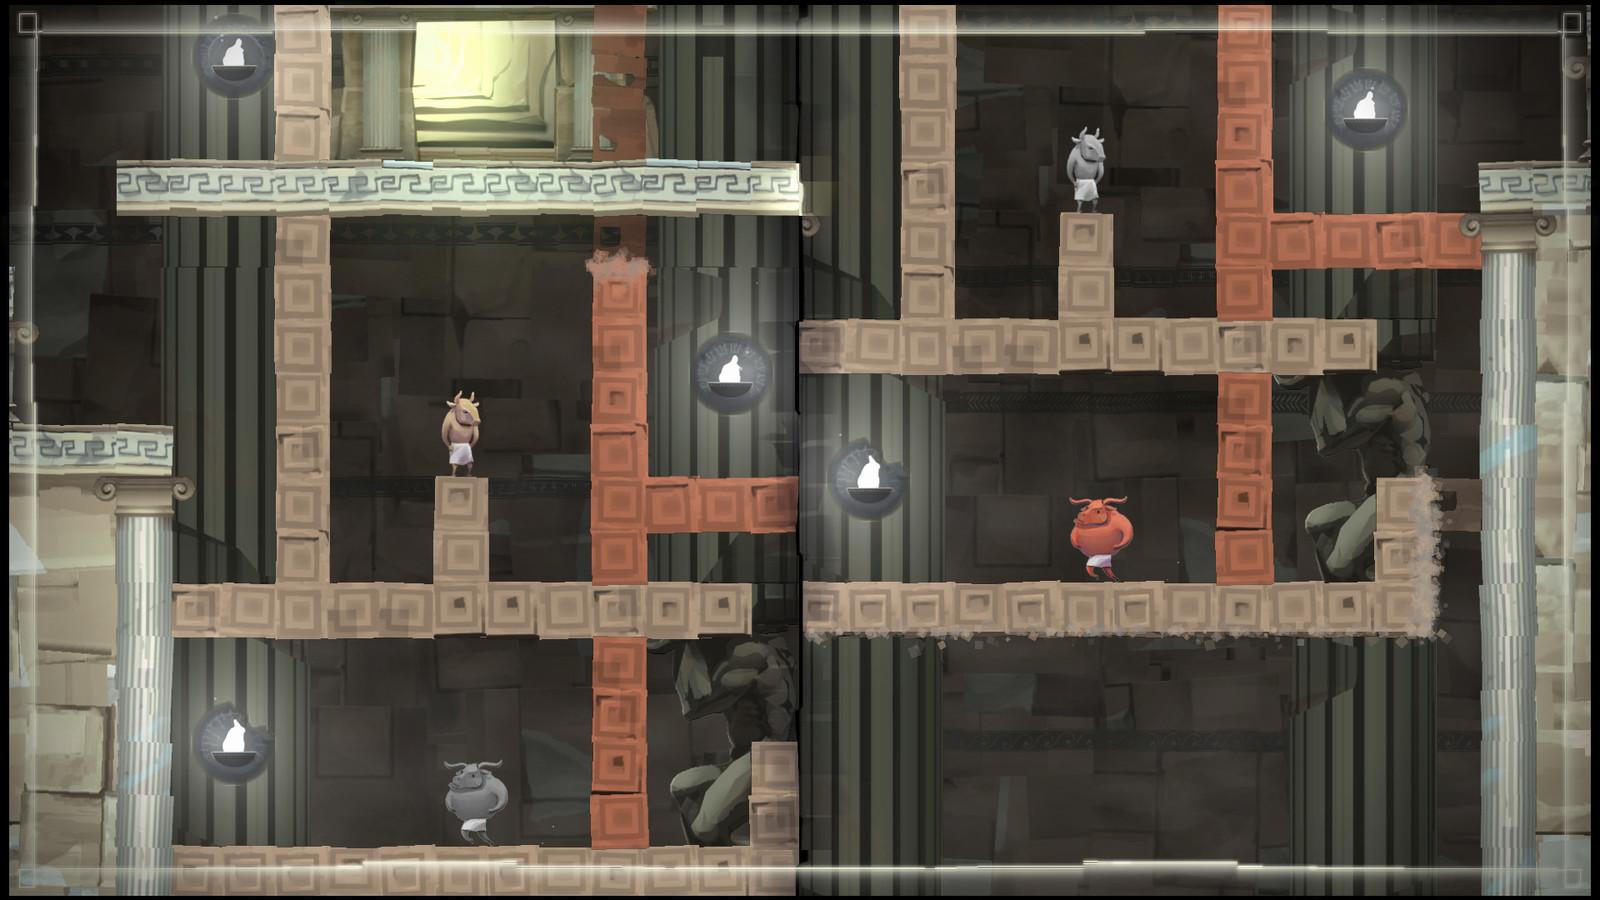 Ingame Screenshot 6